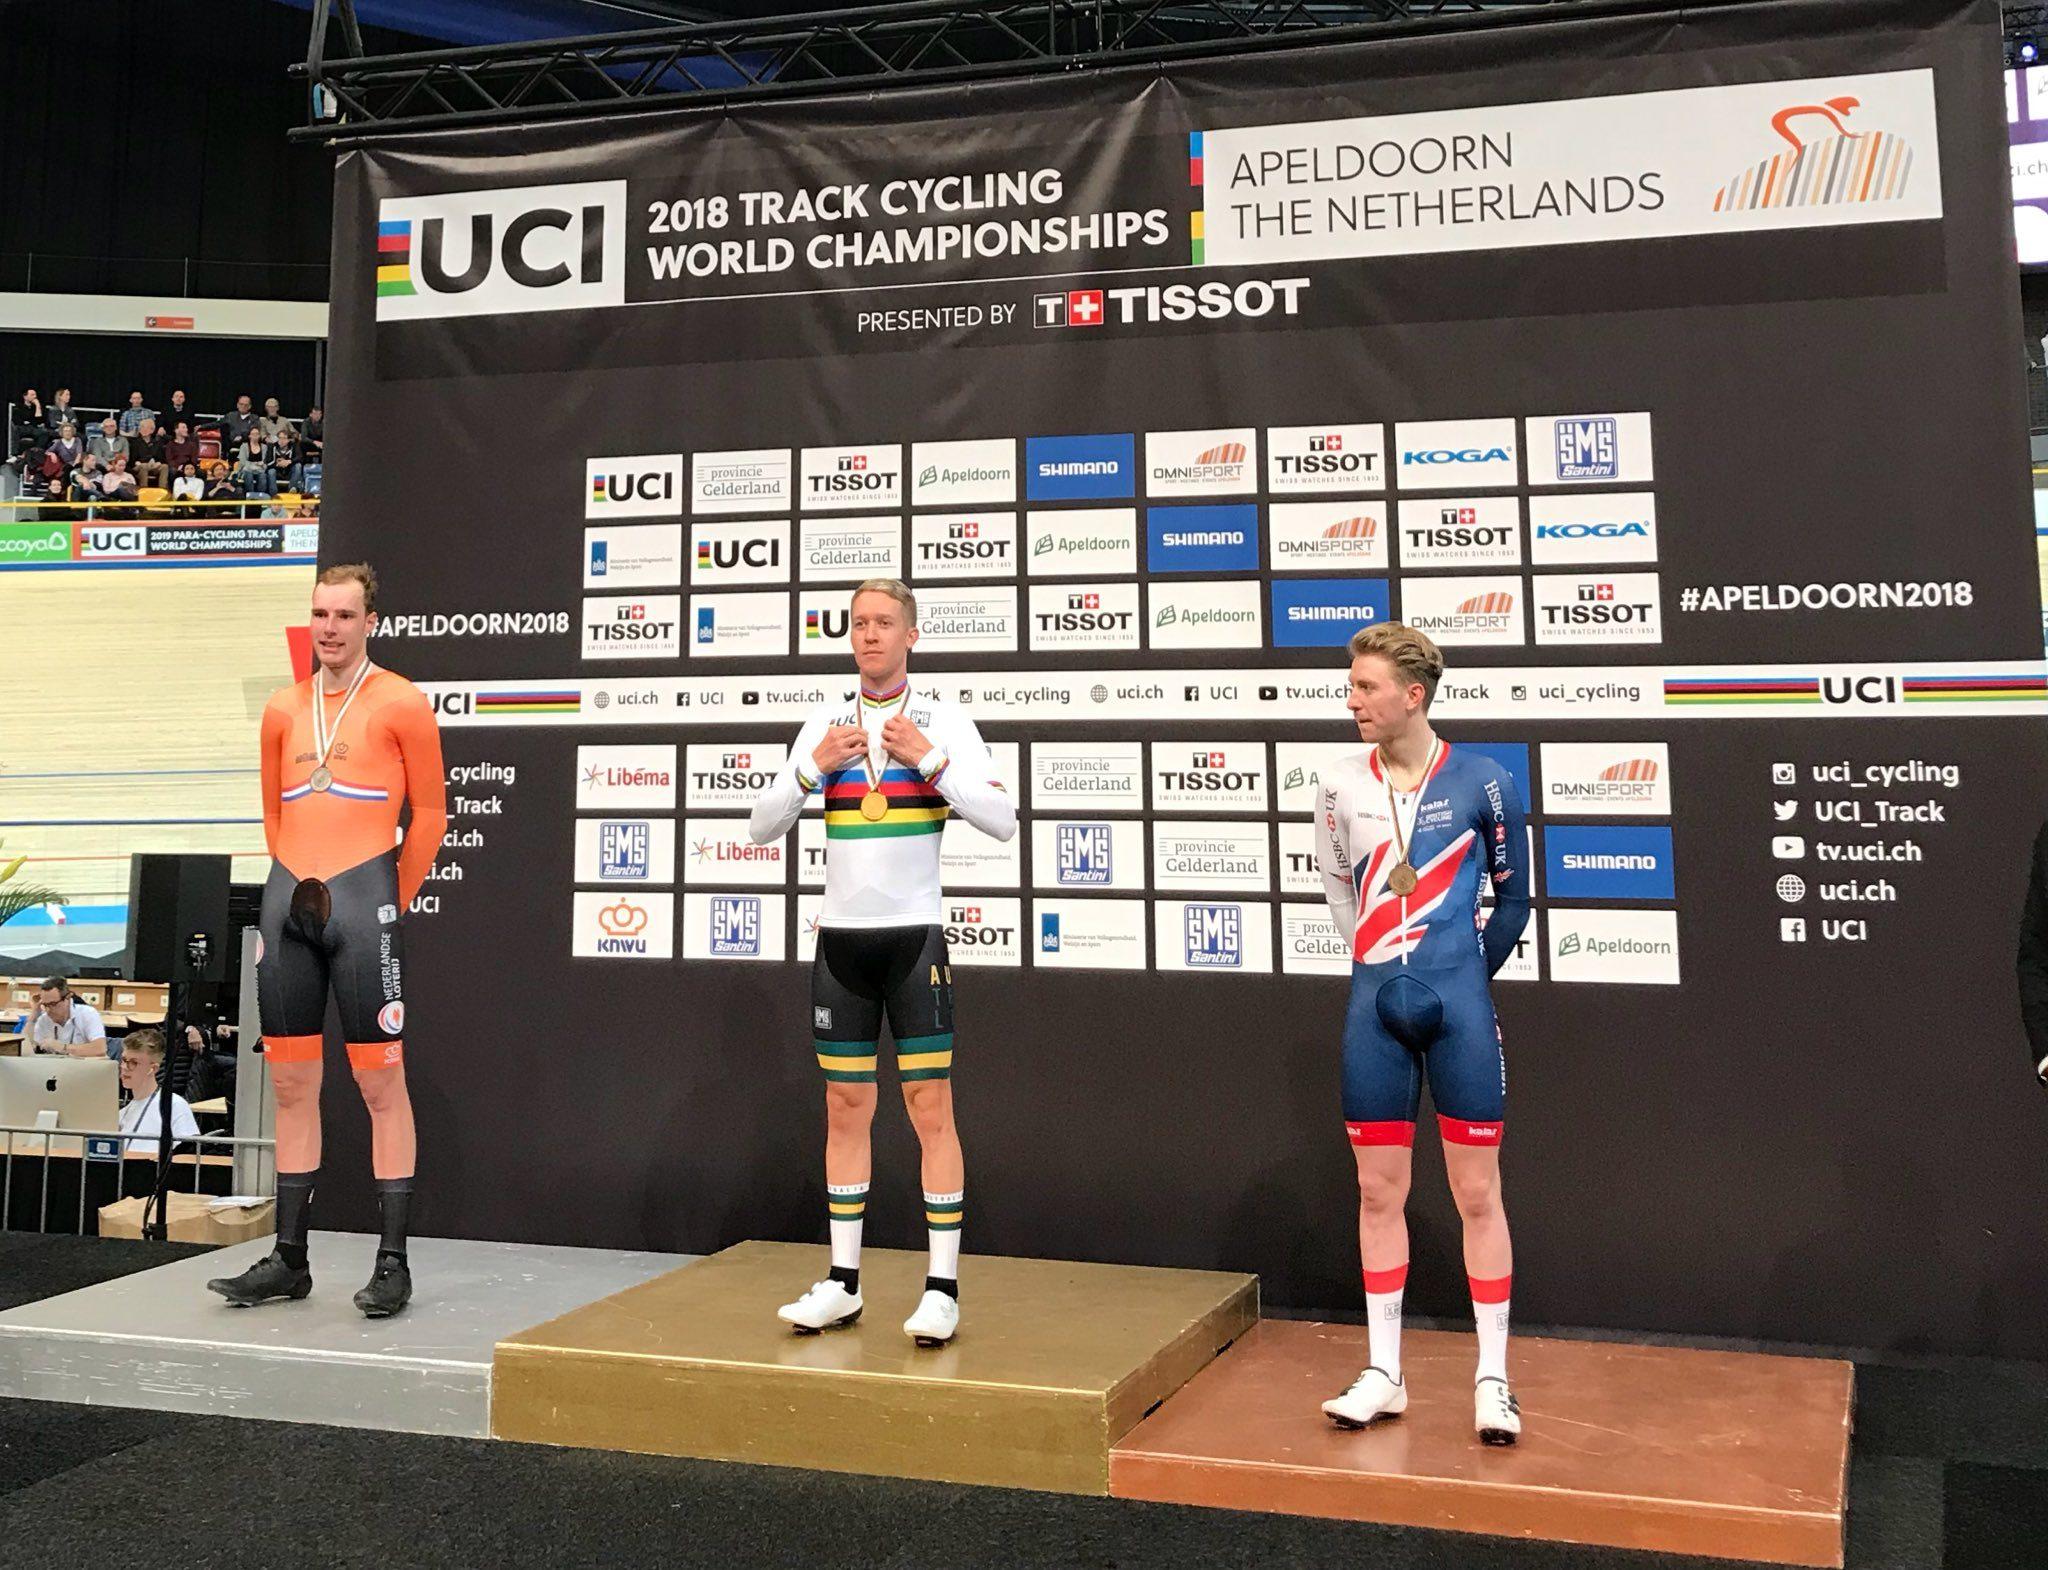 Кэмерон Мейер выиграл гонку по очкам на ЧМ в Апелдорне